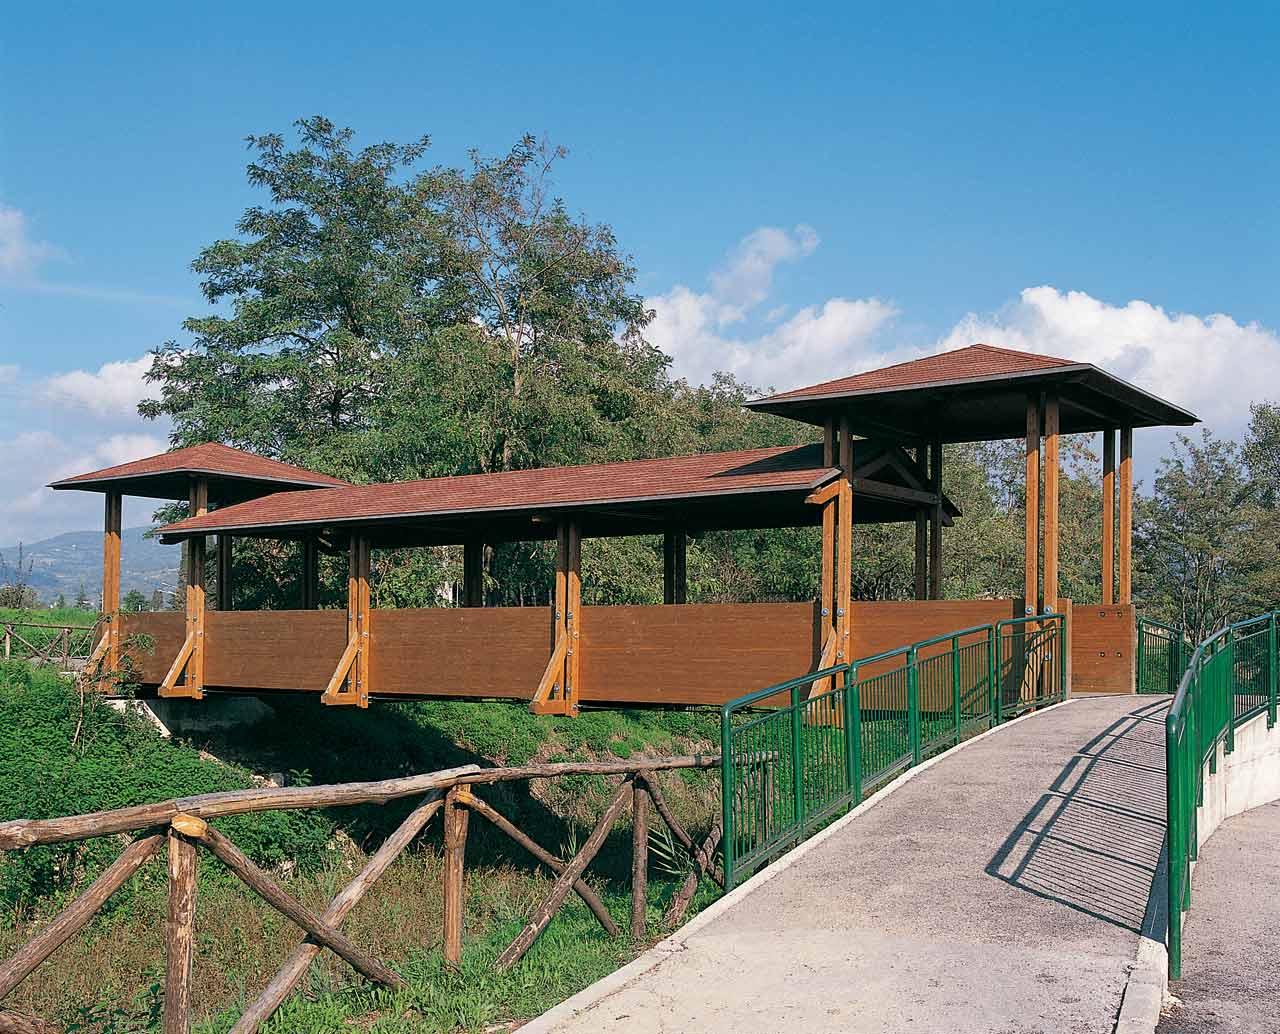 ponte in legno hms - photo #46